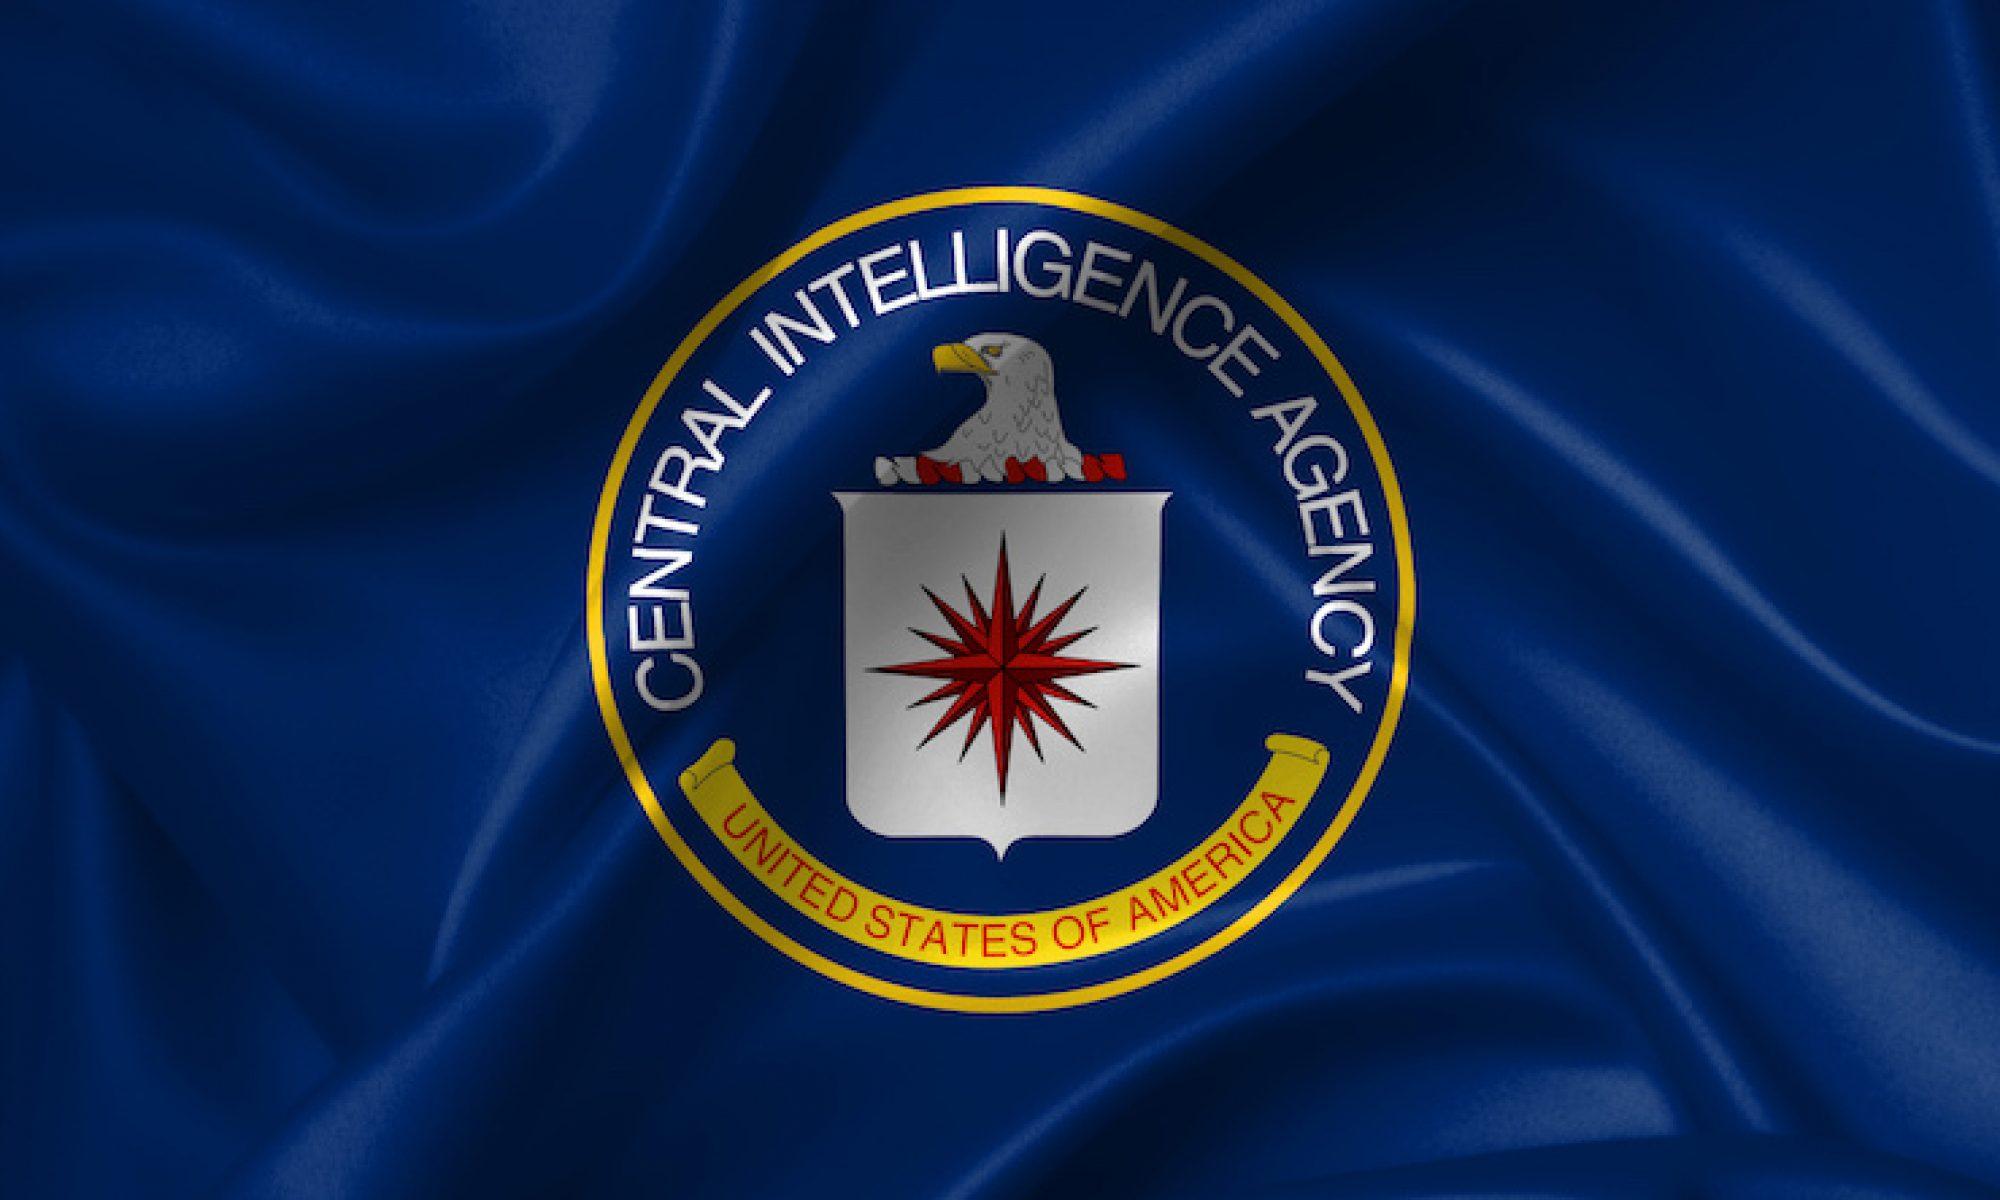 Eski CIA çalışanı 'Çin'e gizli bilgi verme' suçlamasıyla gözaltına alındı